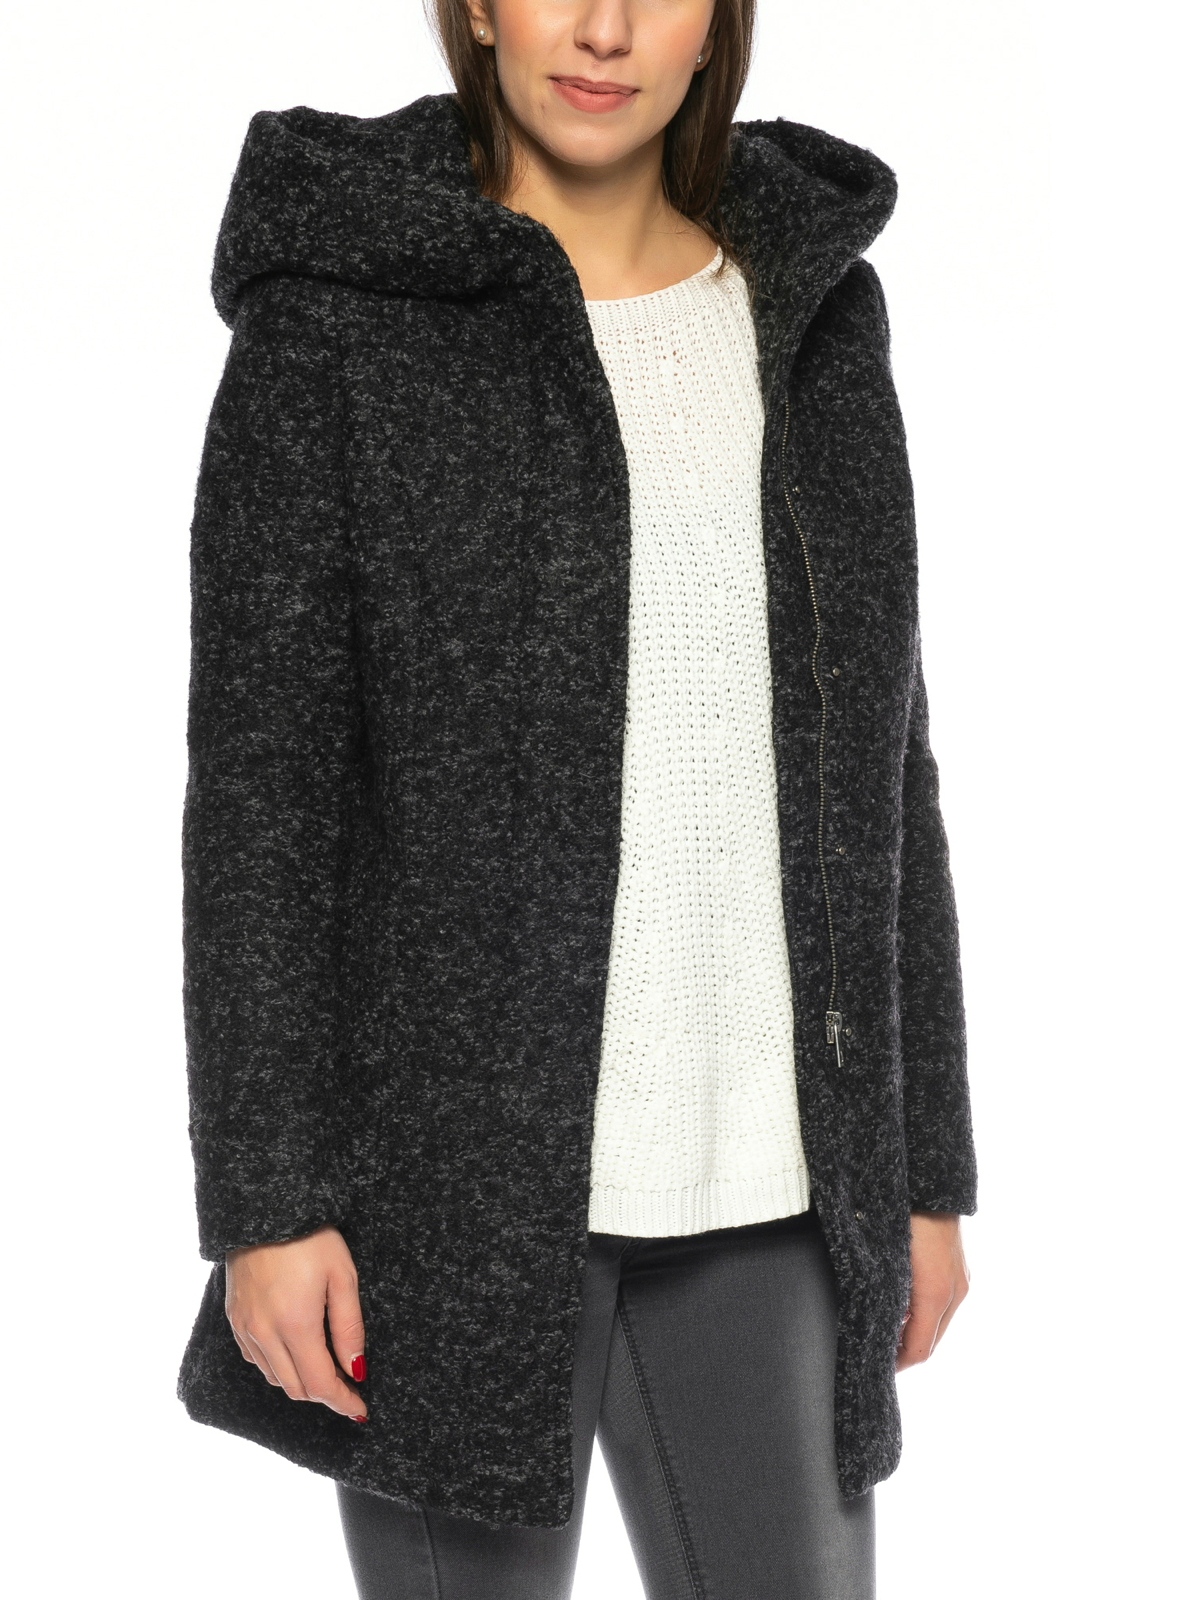 unglaubliche Preise modischer Stil neuesten Stil Details zu Vero Moda Damen Wollmantel Winter Coat VMVeroDona Jacke warm  Wolle große Kapuze